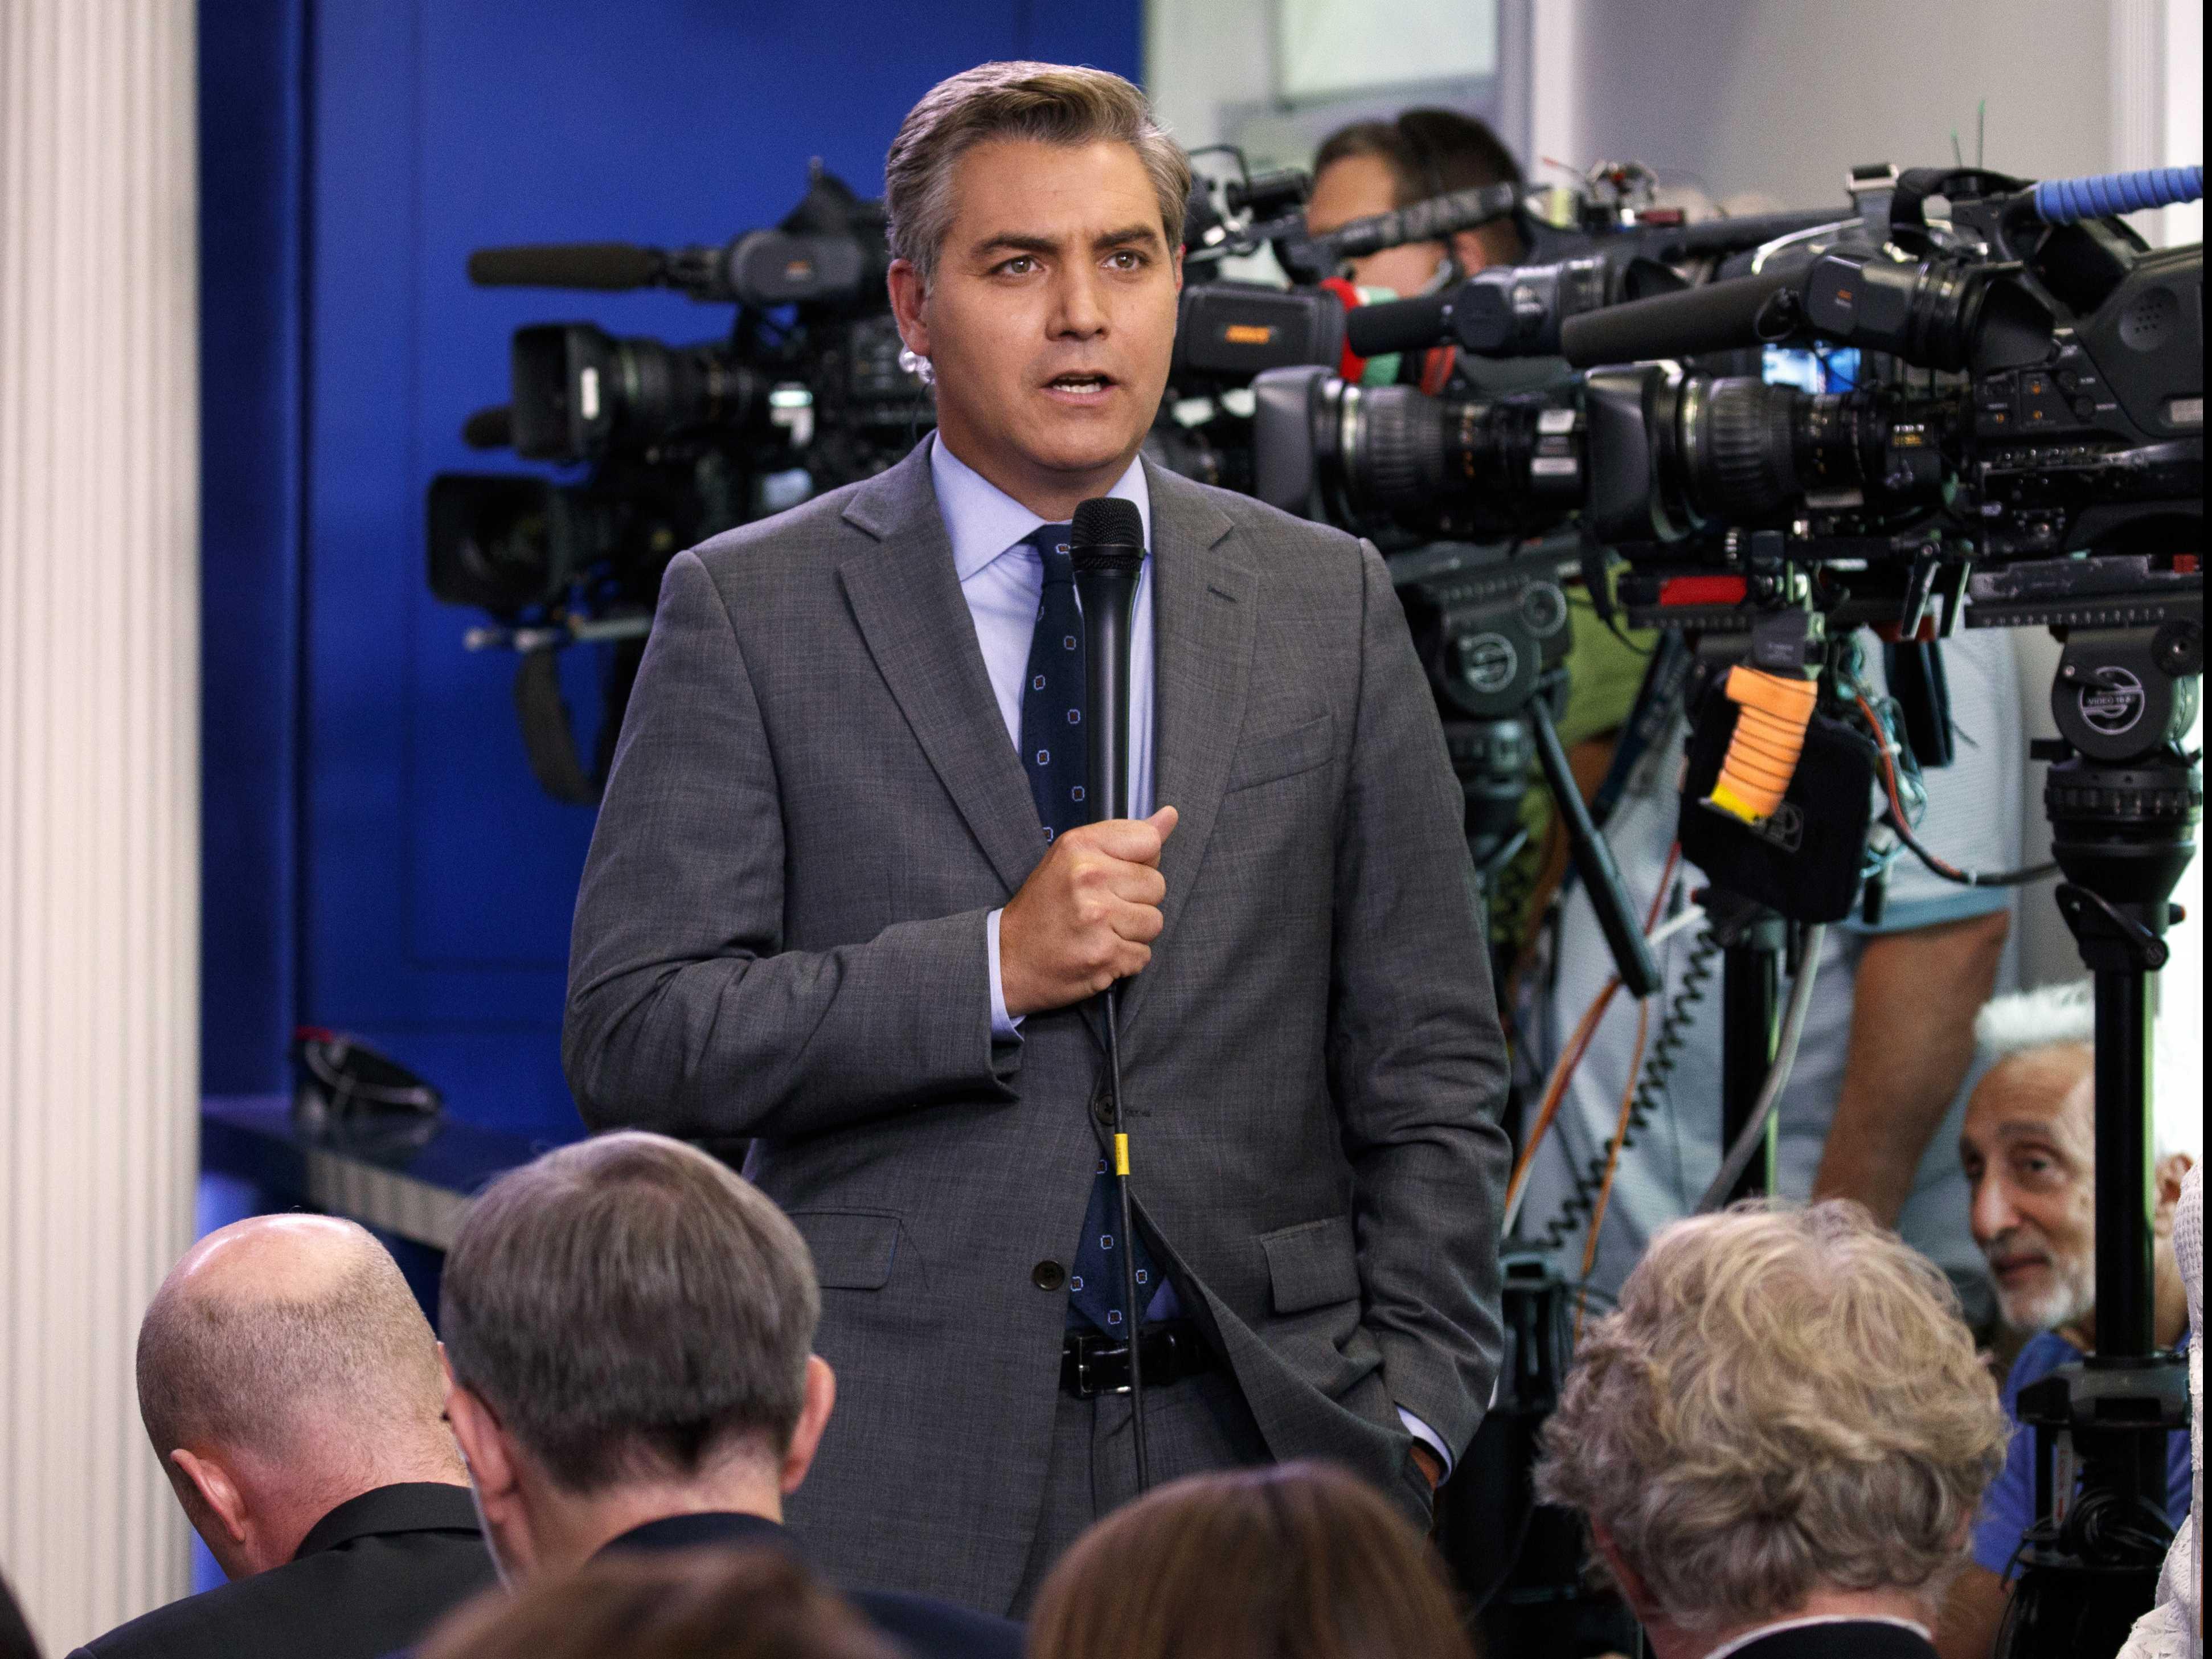 CNN's Jim Acosta Calls for Trump to Halt Media Attacks